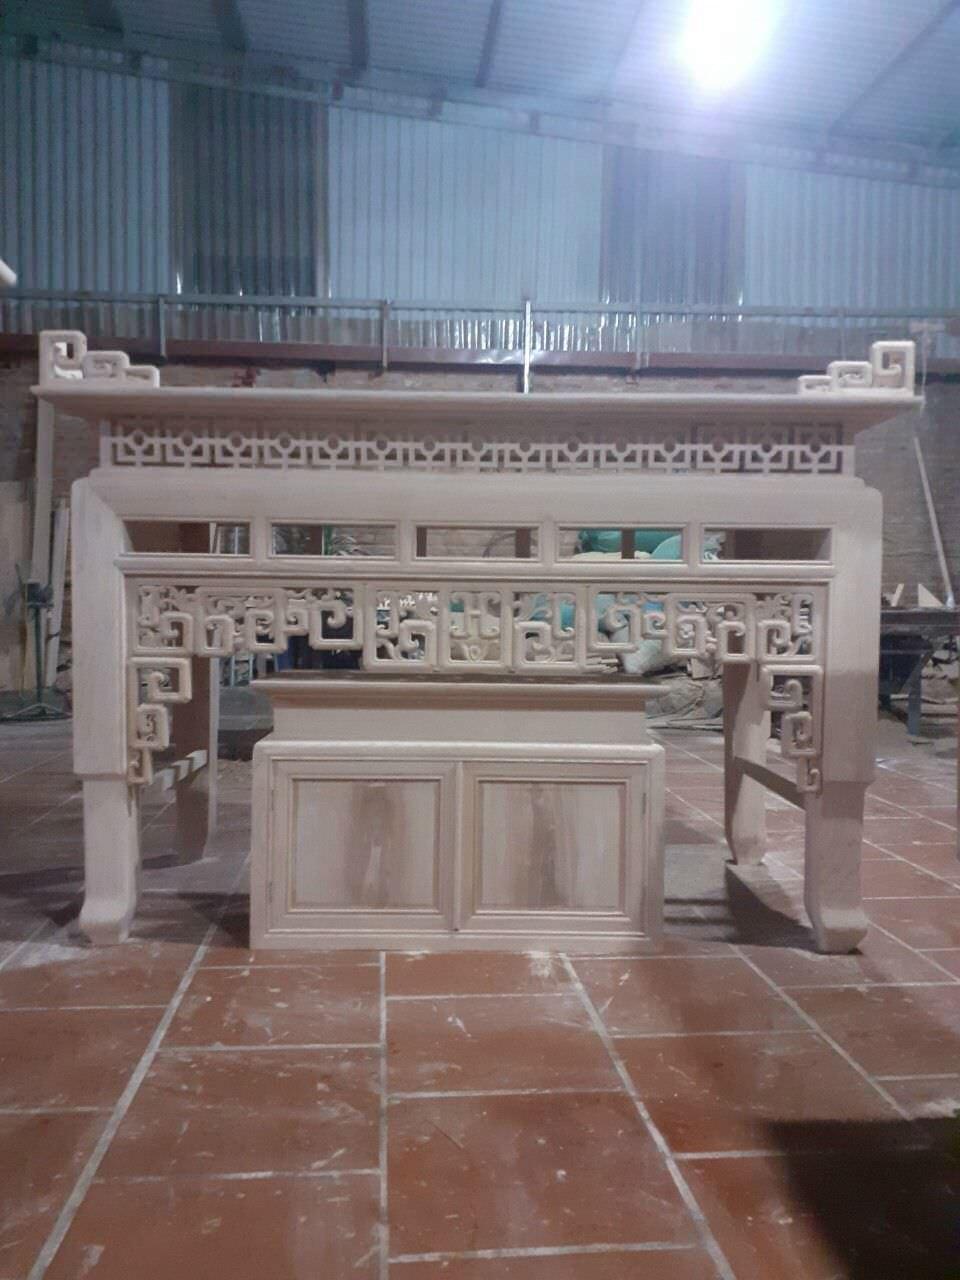 Các mẫu bàn thờ tại Gỗ Vượng đều từ gỗ tốt, 1 màu rất đẹp và không bám rác